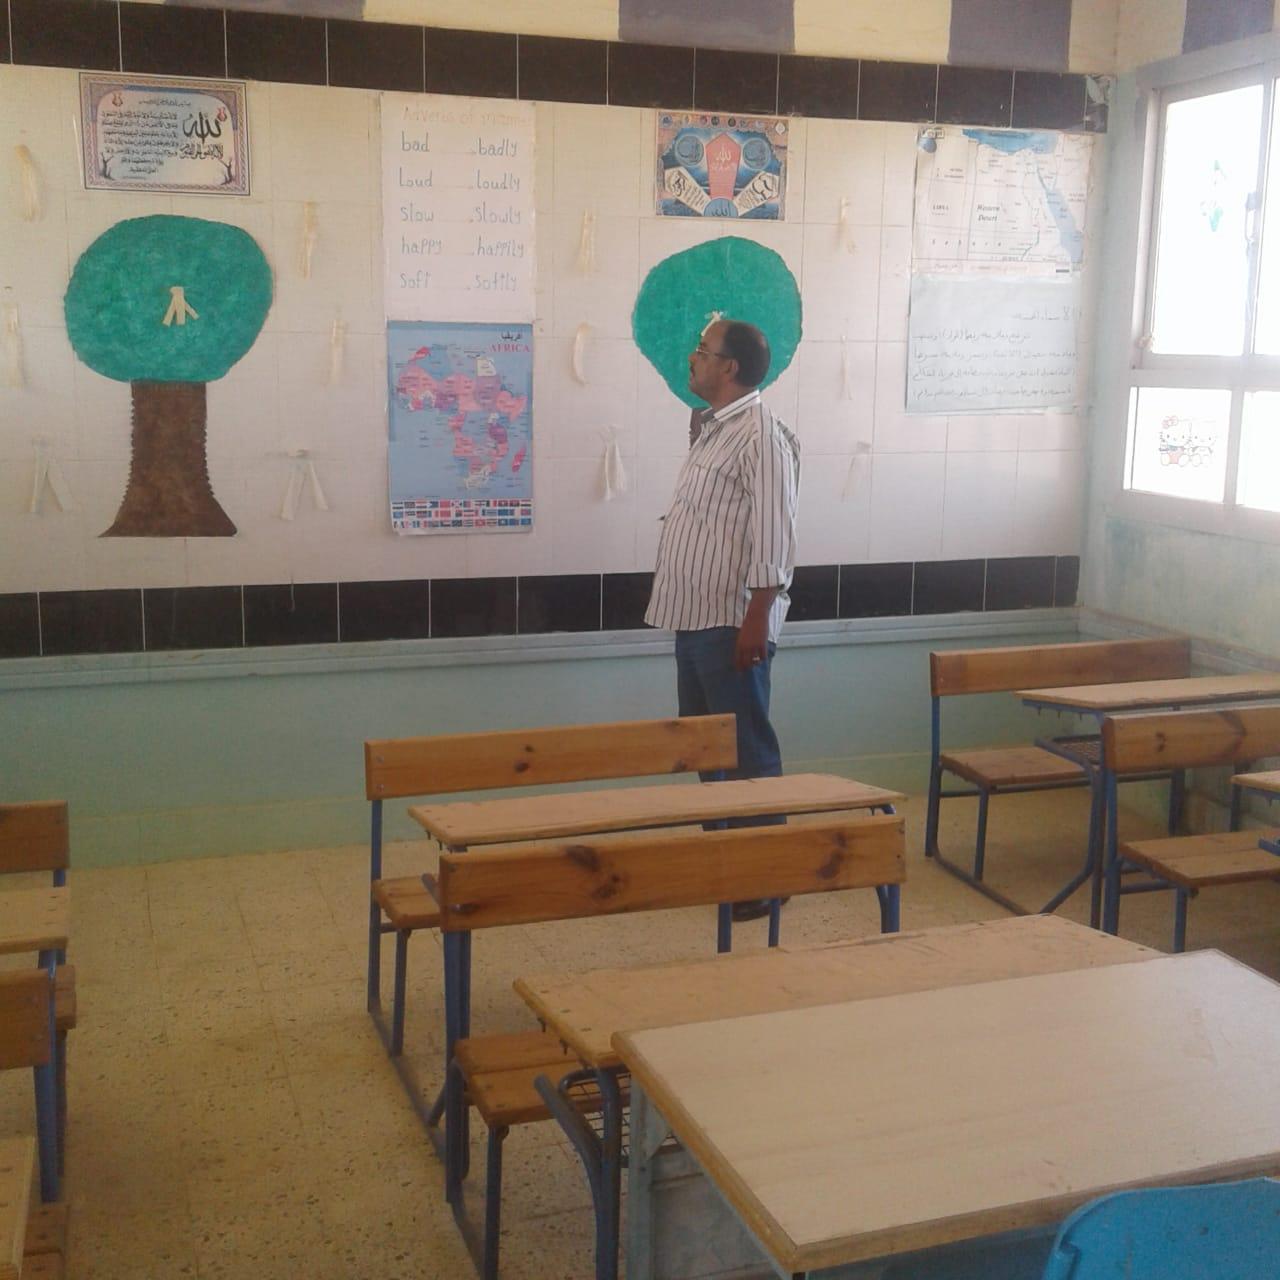 افتتاح 4 مدارس جديدة بمطروح واستعدادات مكثفة في جميع المدارس (11)